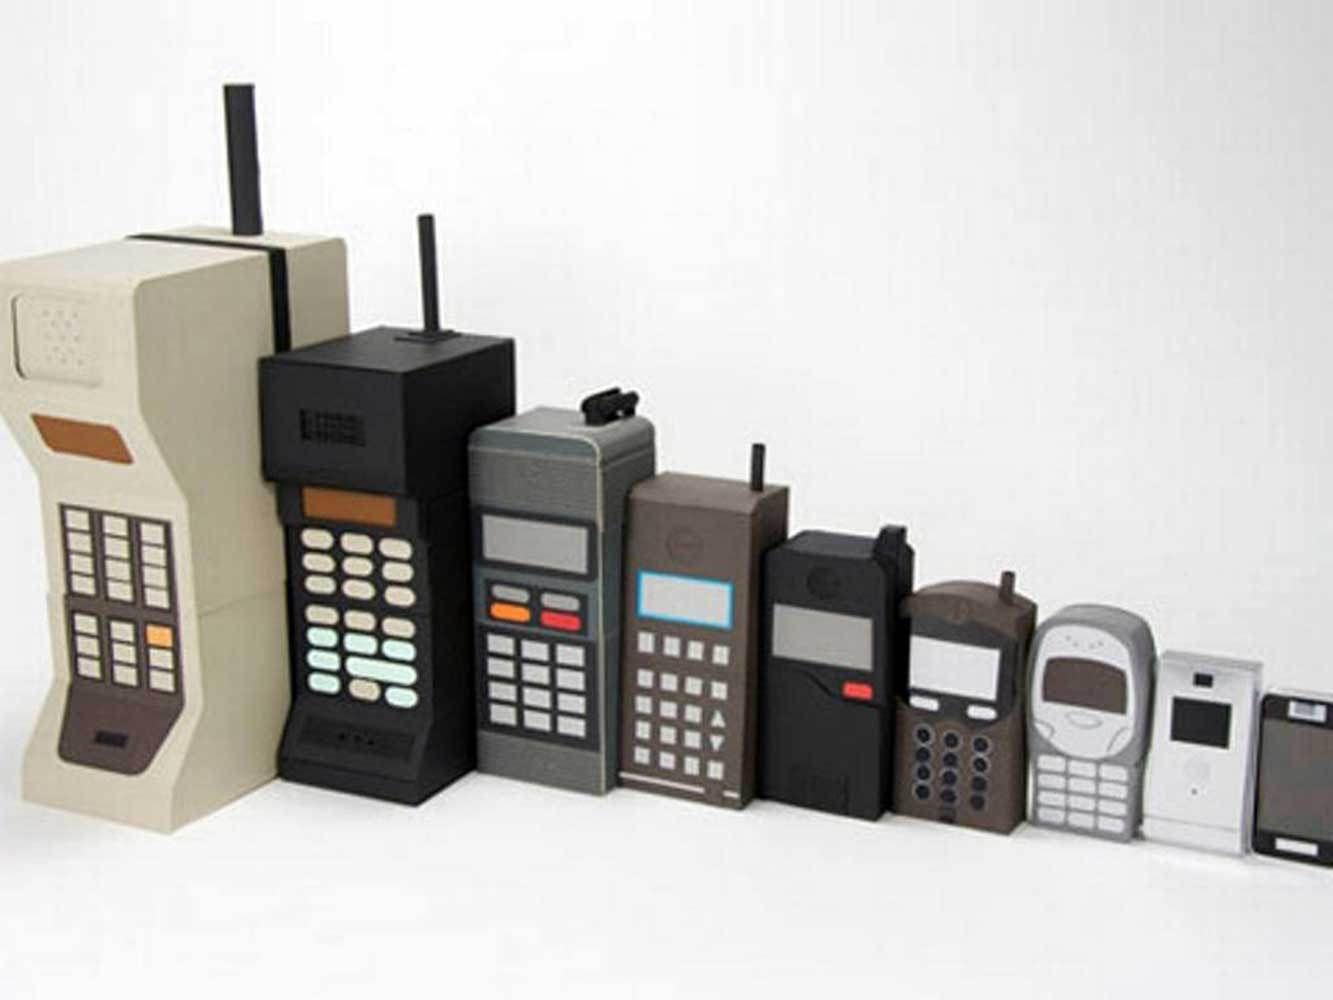 Hoy se cumplen 42 años de la primera llamada hecha desde un celular